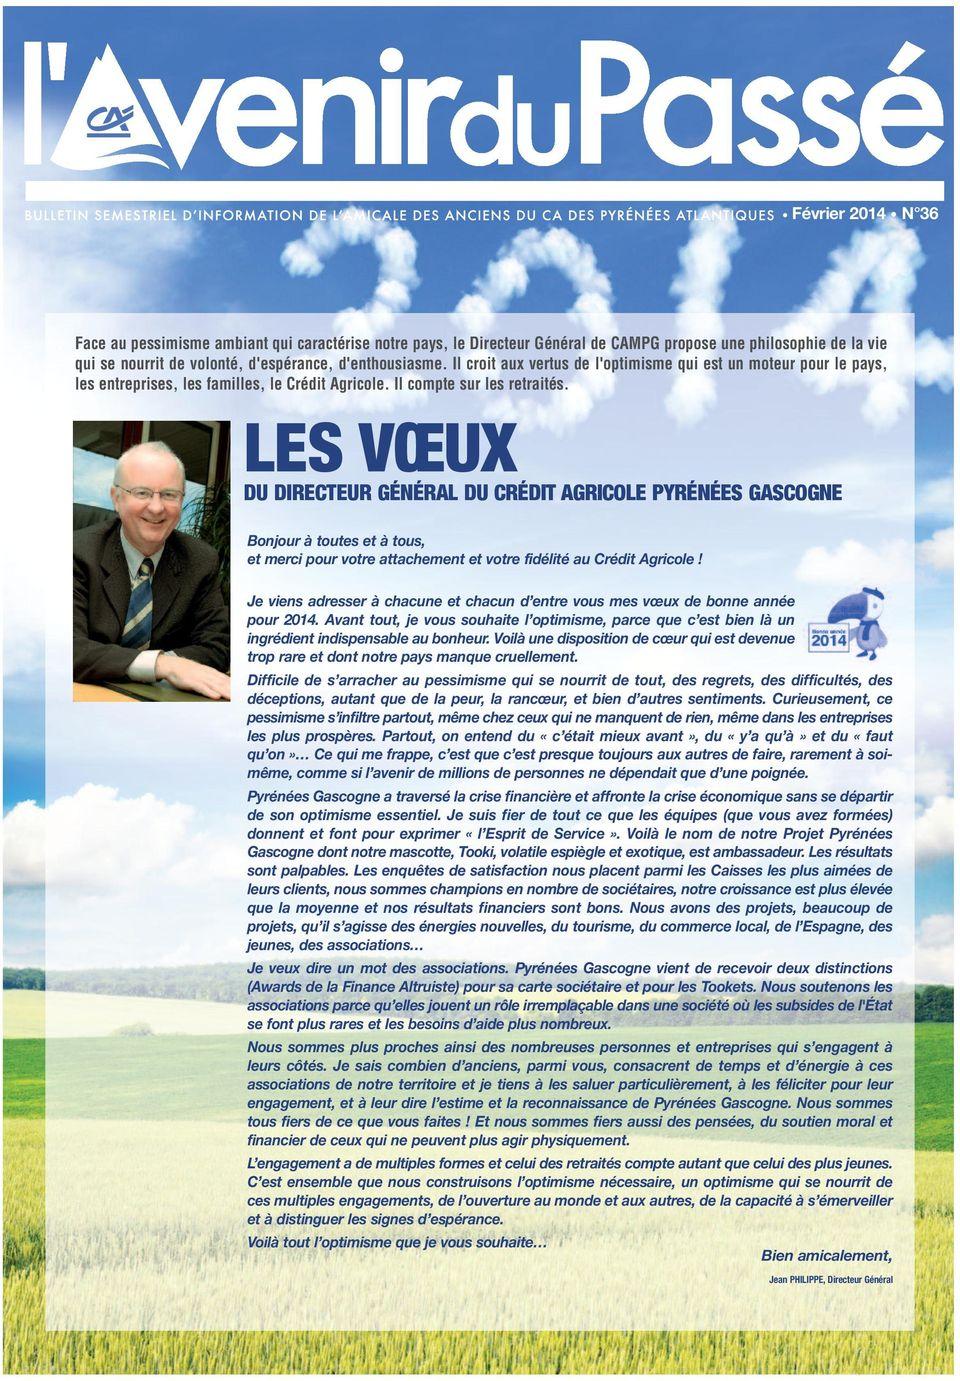 Credit Agricole Gascogne En Ligne : credit, agricole, gascogne, ligne, DIRECTEUR, GÉNÉRAL, CRÉDIT, AGRICOLE, PYRÉNÉES, GASCOGNE, Download